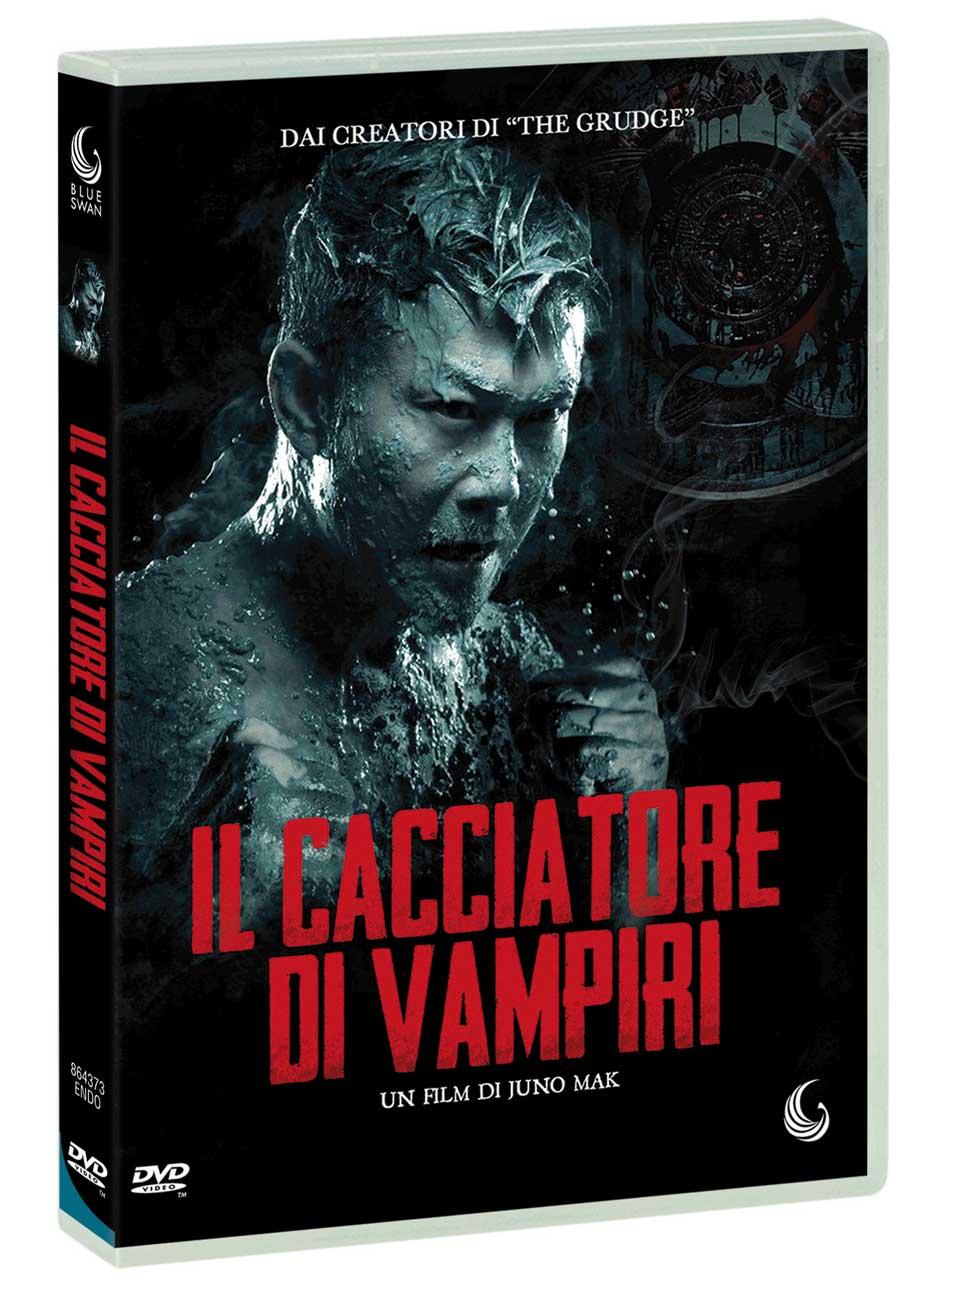 IL CACCIATORE DI VAMPIRI - RIGOR MORTIS (DVD)